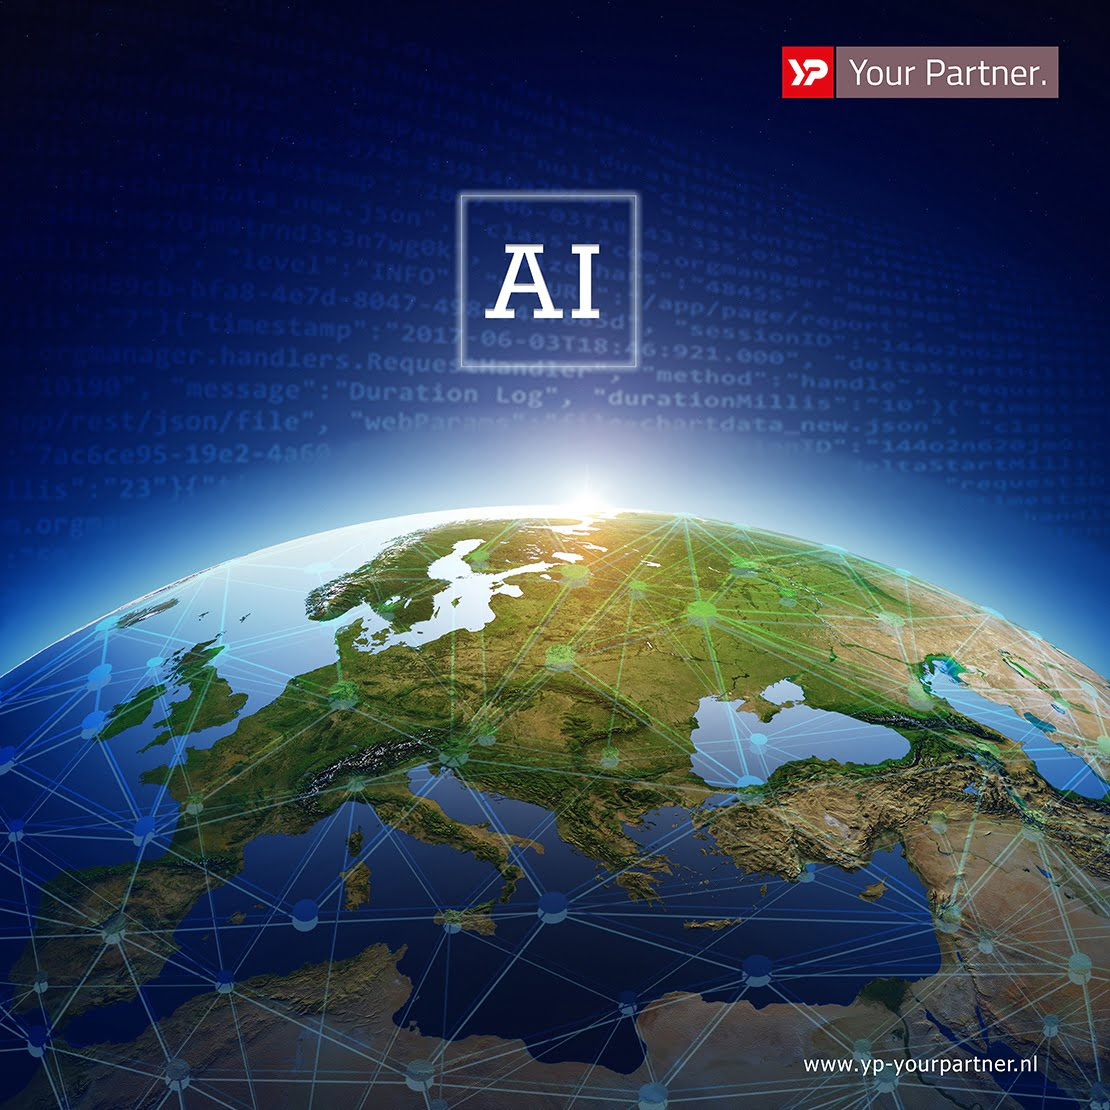 Kunstmatige Intelligentie in samenwerking met Hanze hogeschool op naar de toekomst